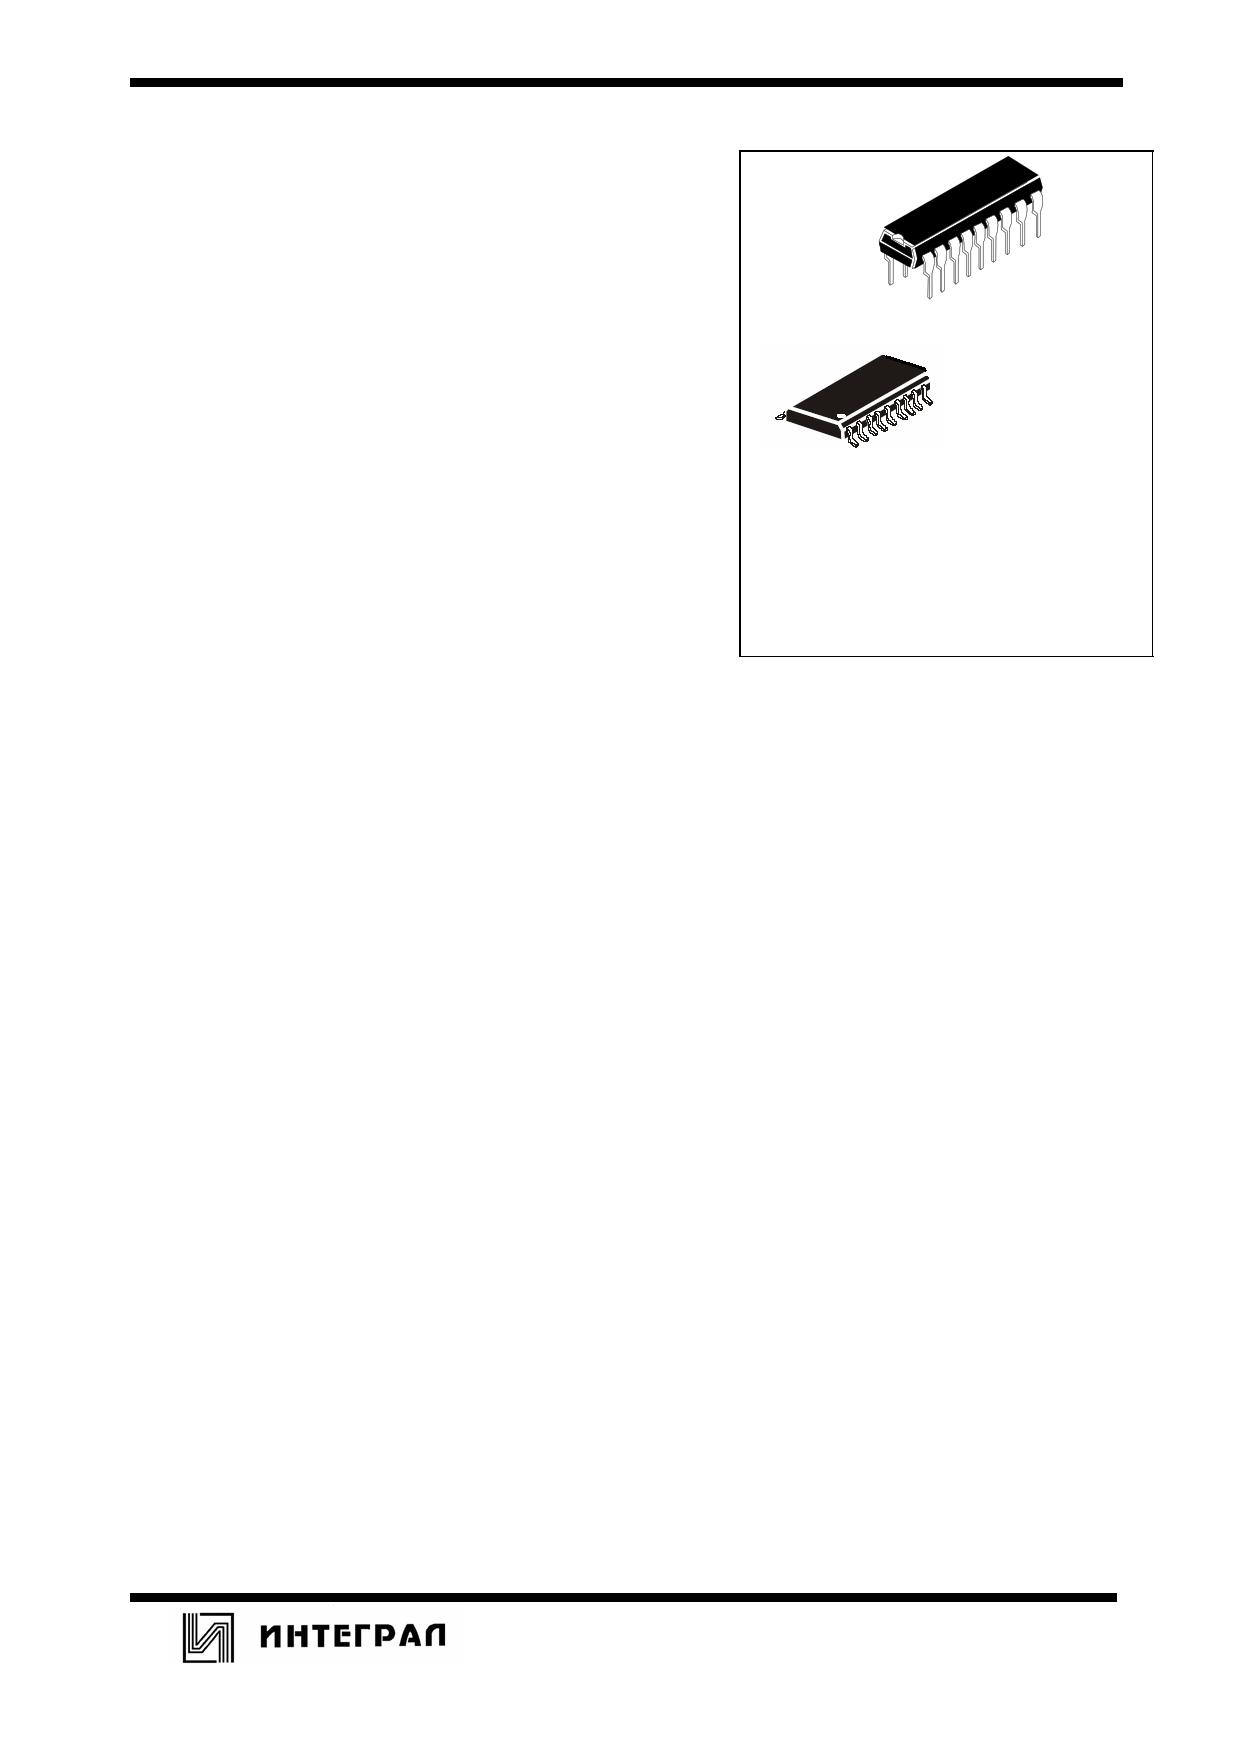 IL9170N Datasheet, IL9170N PDF,ピン配置, 機能